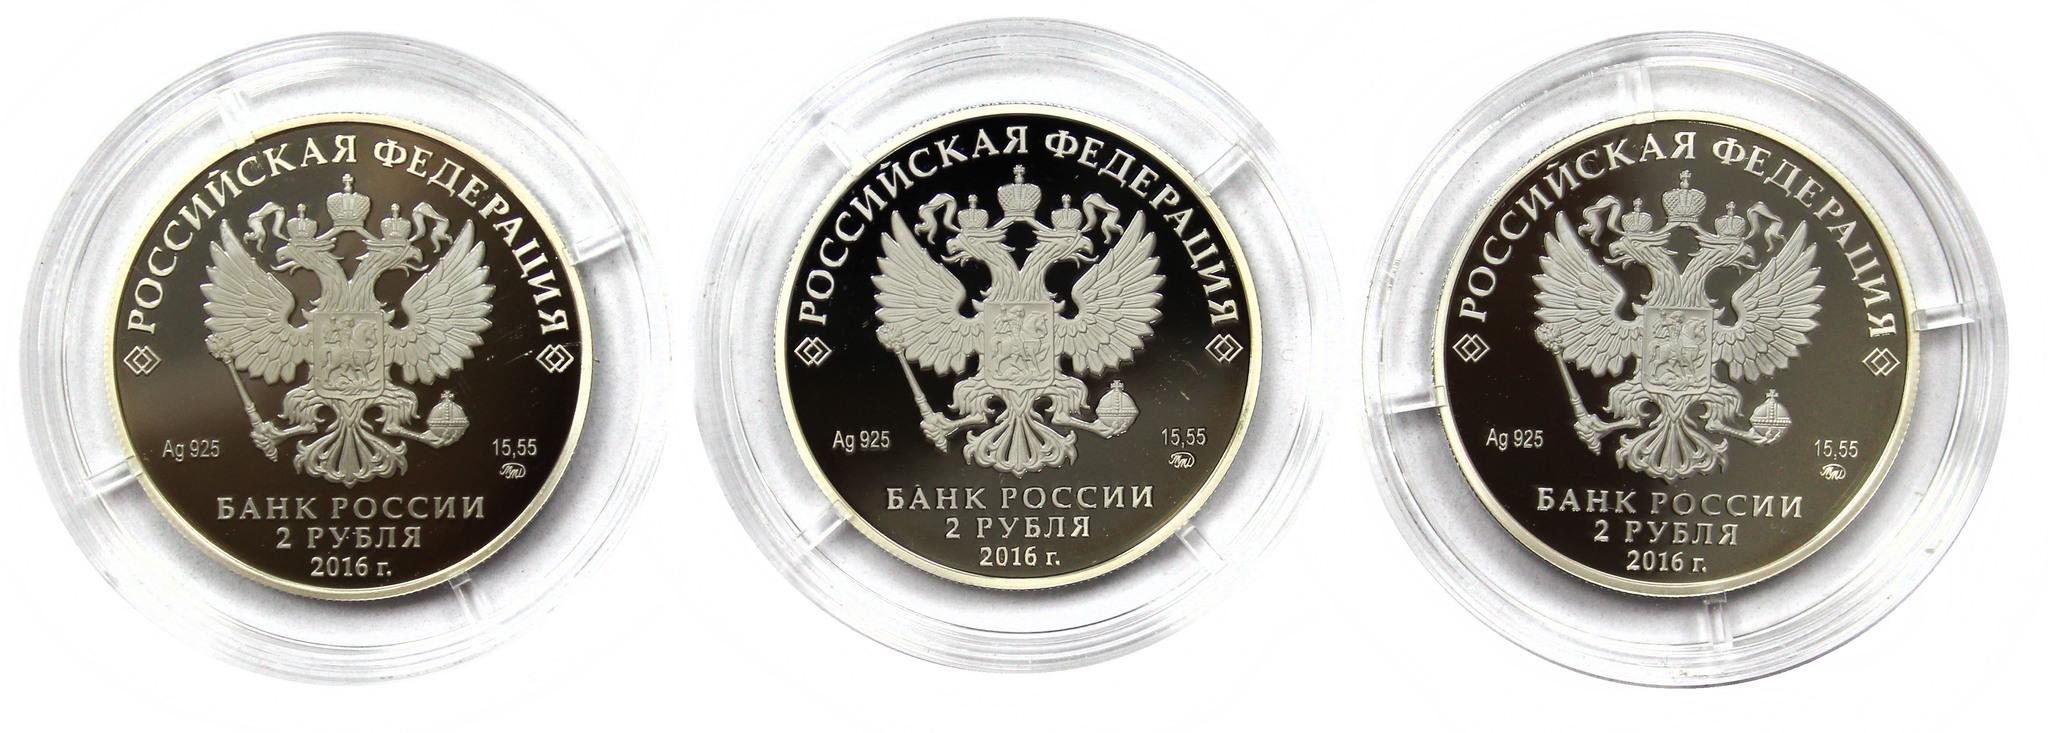 Набор 2 рубля Красная книга (Манул, Красный коршун, Алкиной) 2016 год. Proof